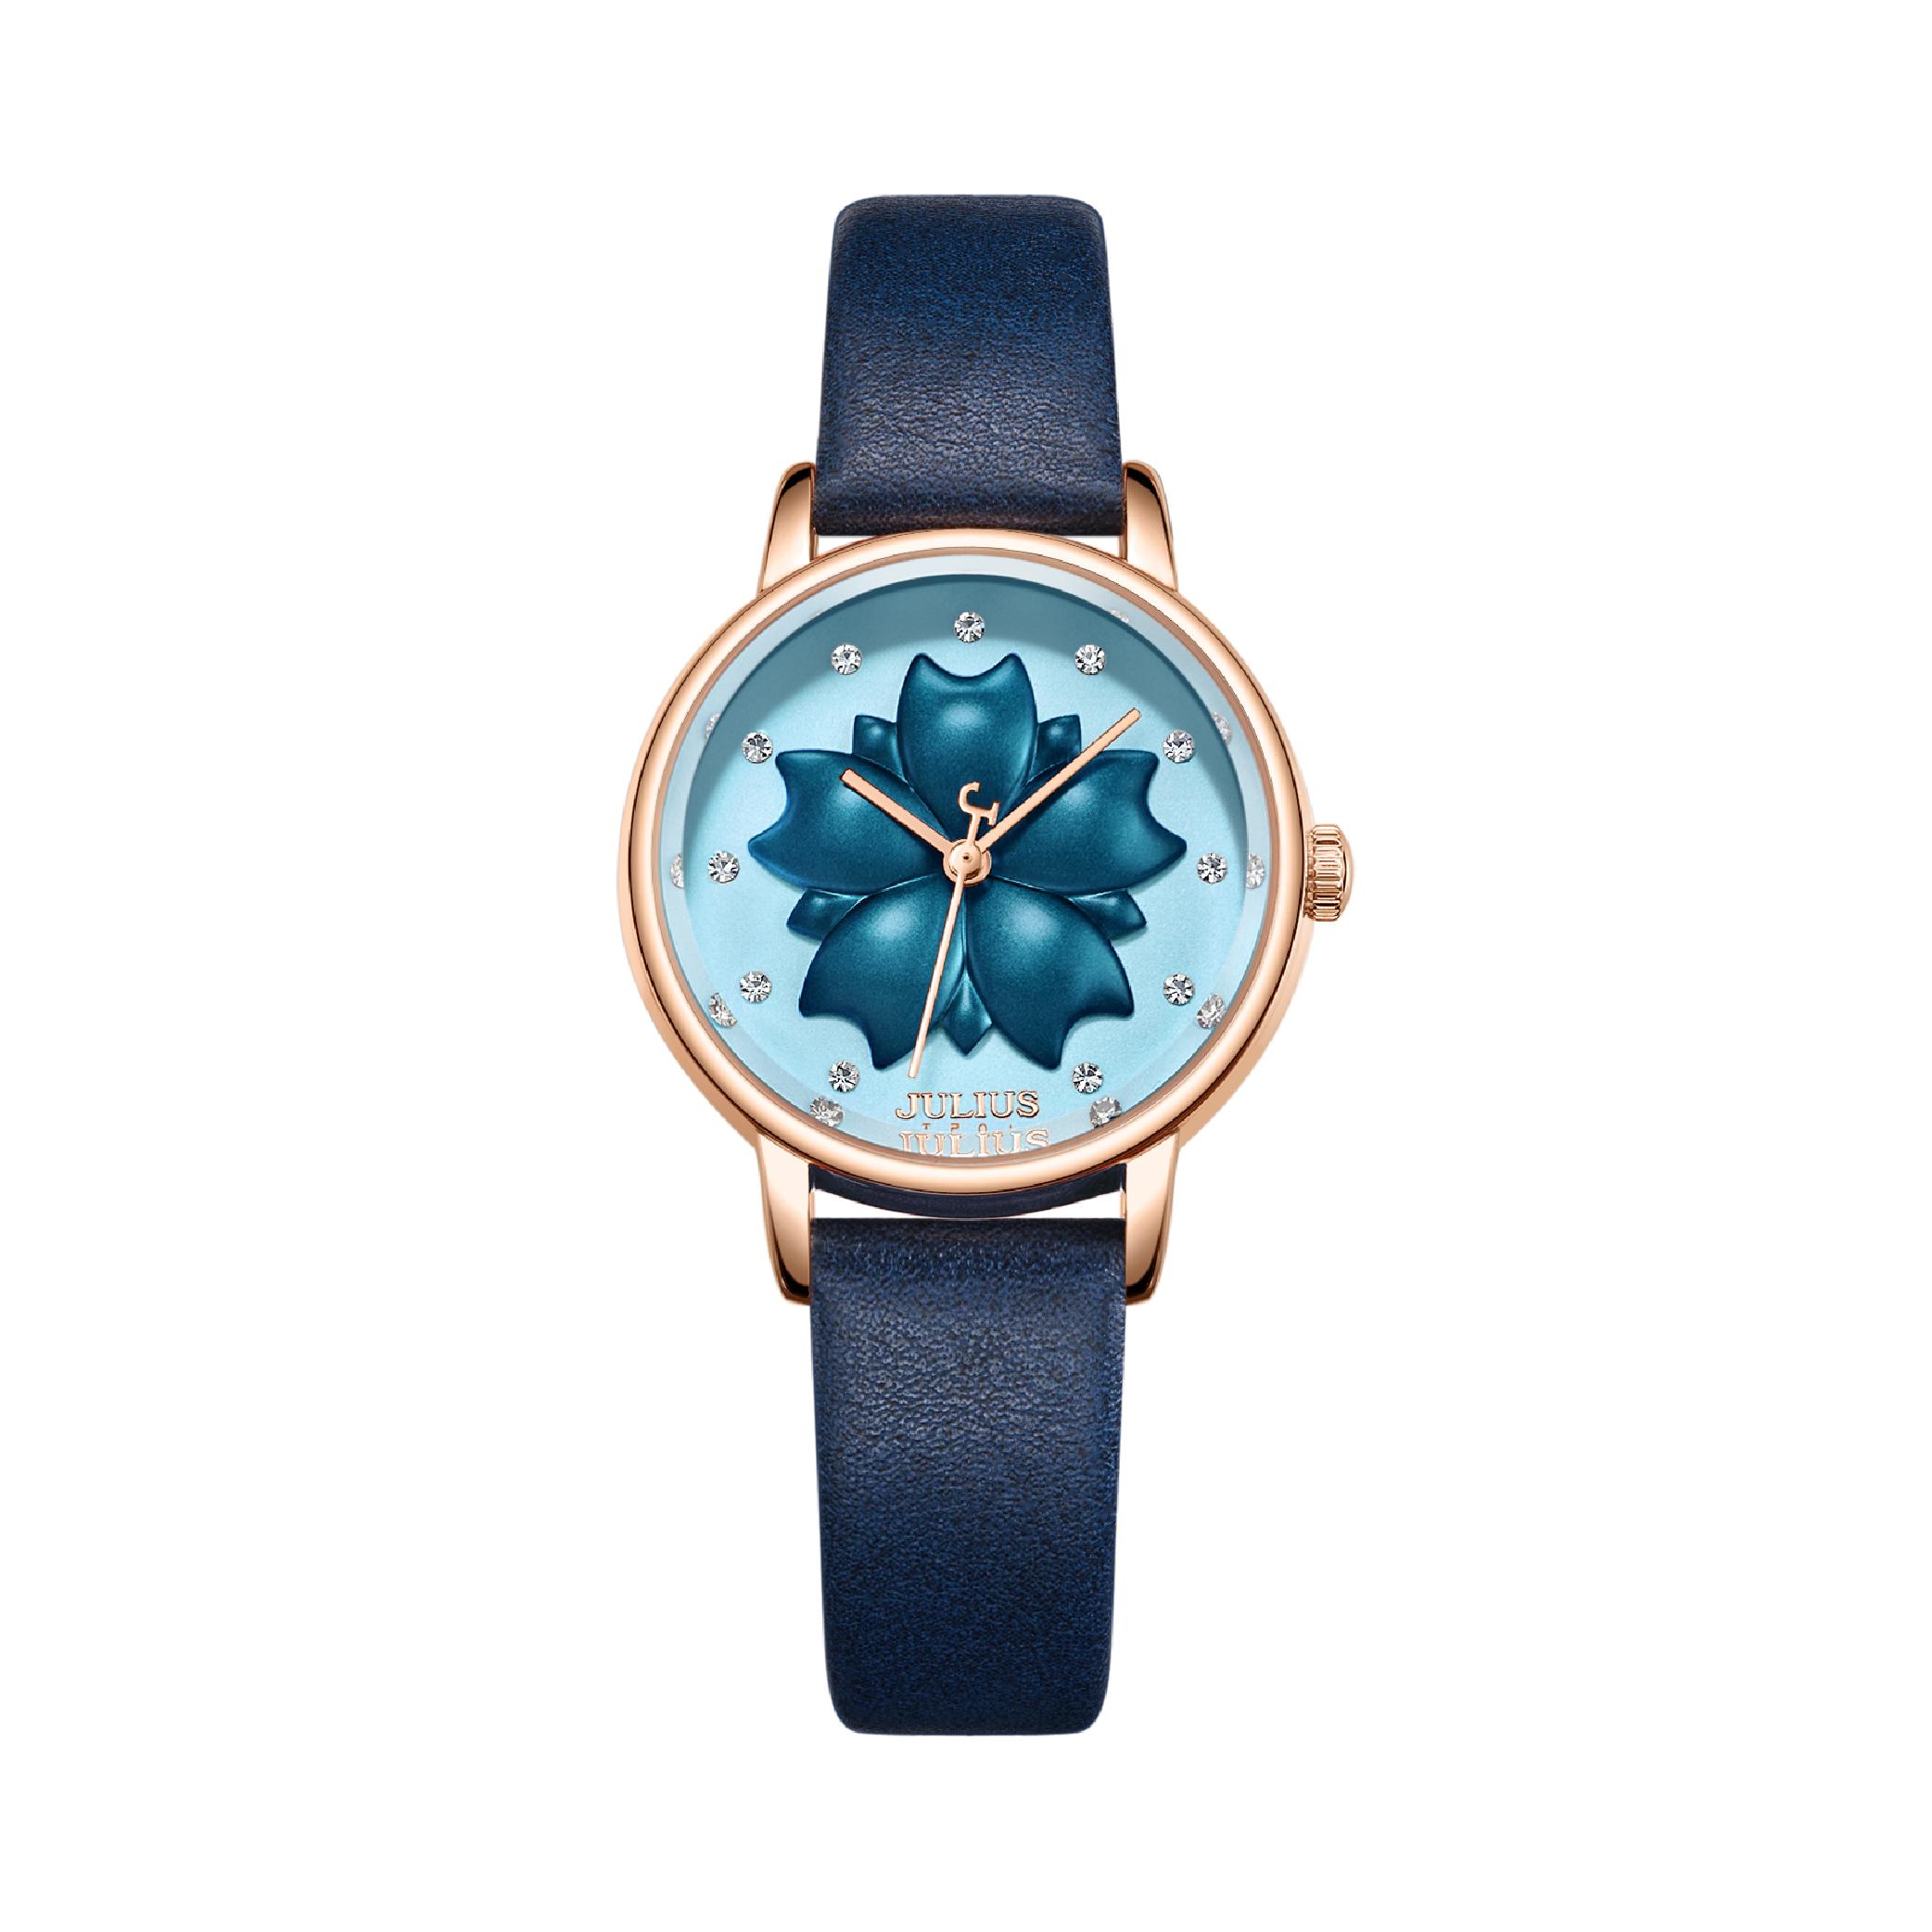 นาฬิกาข้อมือผู้หญิง JULIUS 1000 E